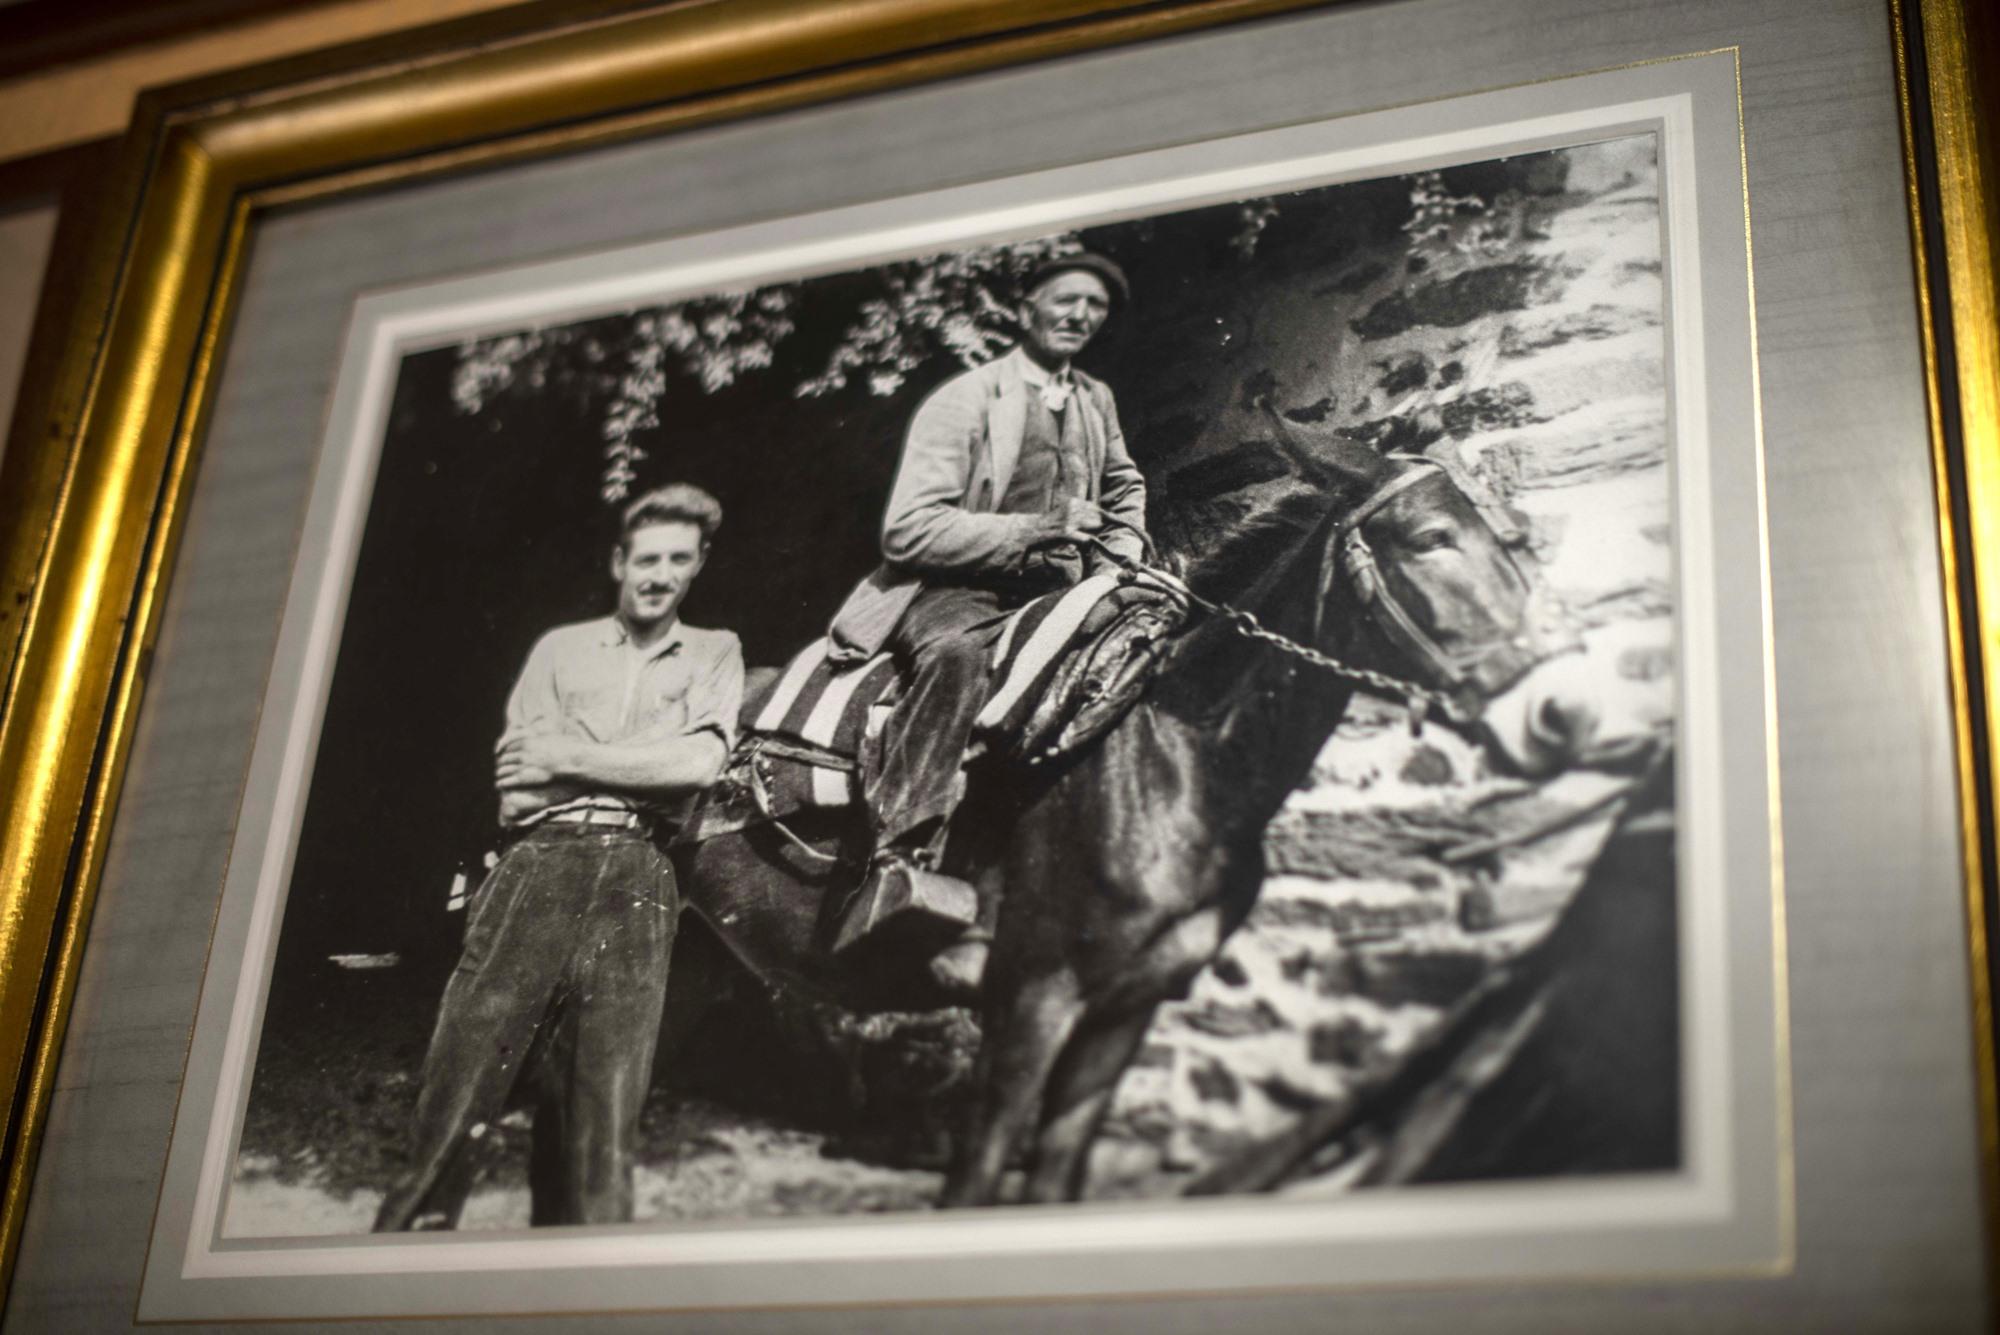 Antonio y su padre sobre uno de los grandes 'machos' de su reata.